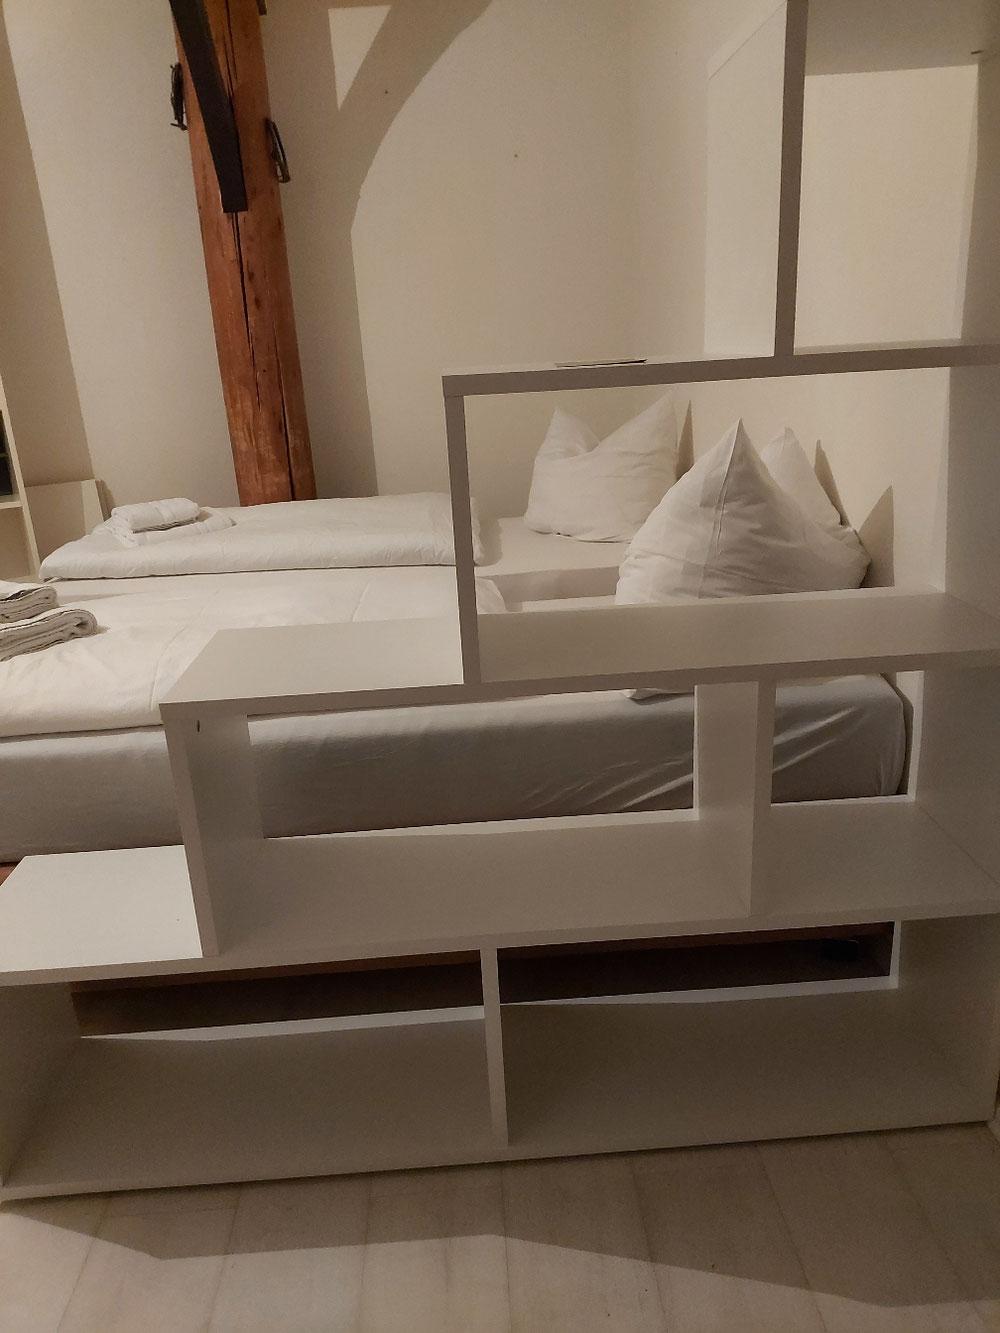 Zwei weitere Betten im Wohnraum